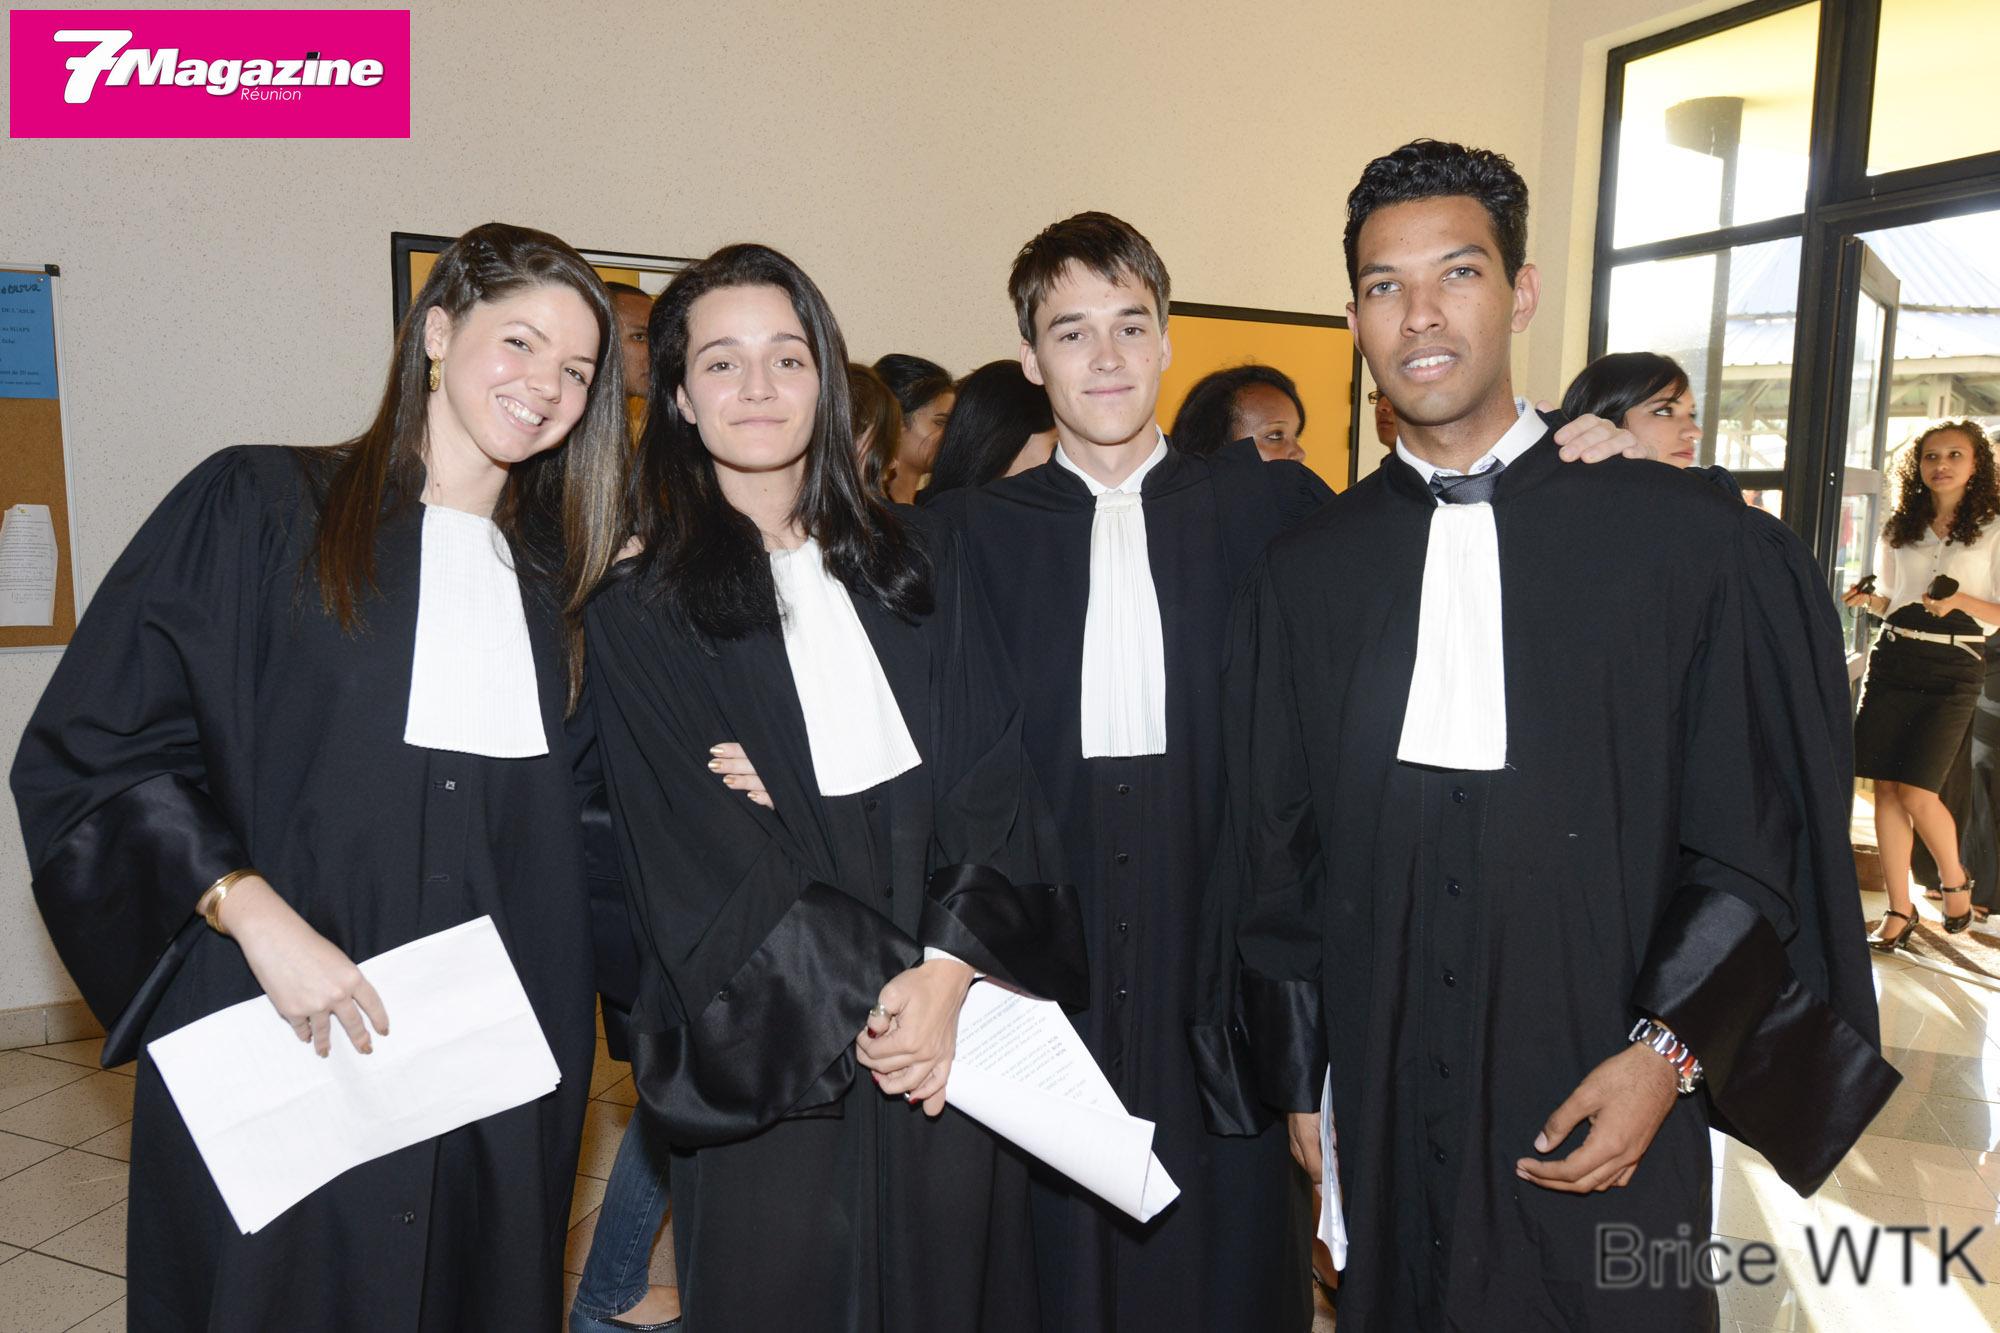 Diagonale des juristes, les plaidoiries